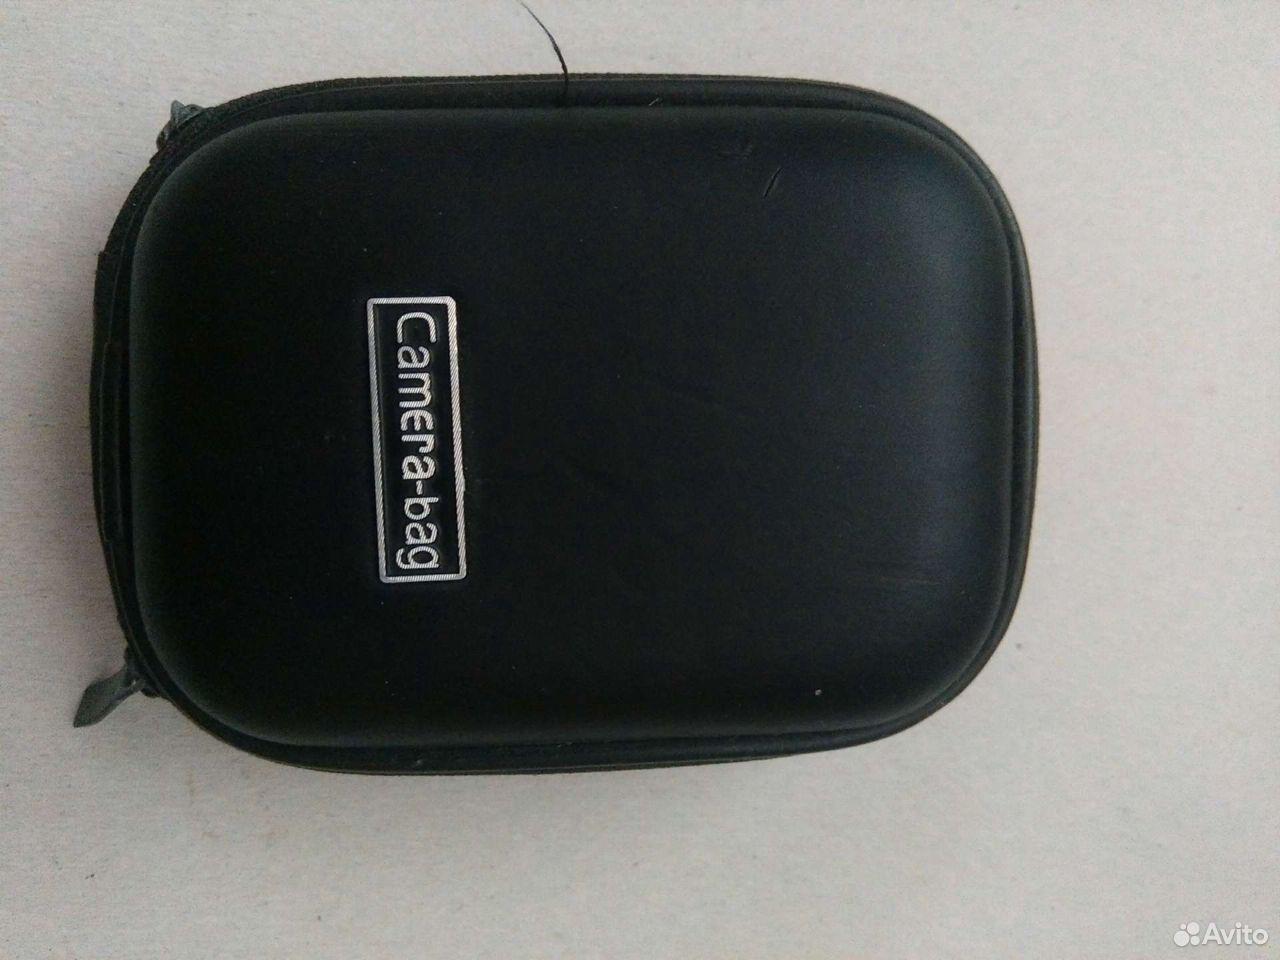 Компактный фотоаппарат  89045216081 купить 4